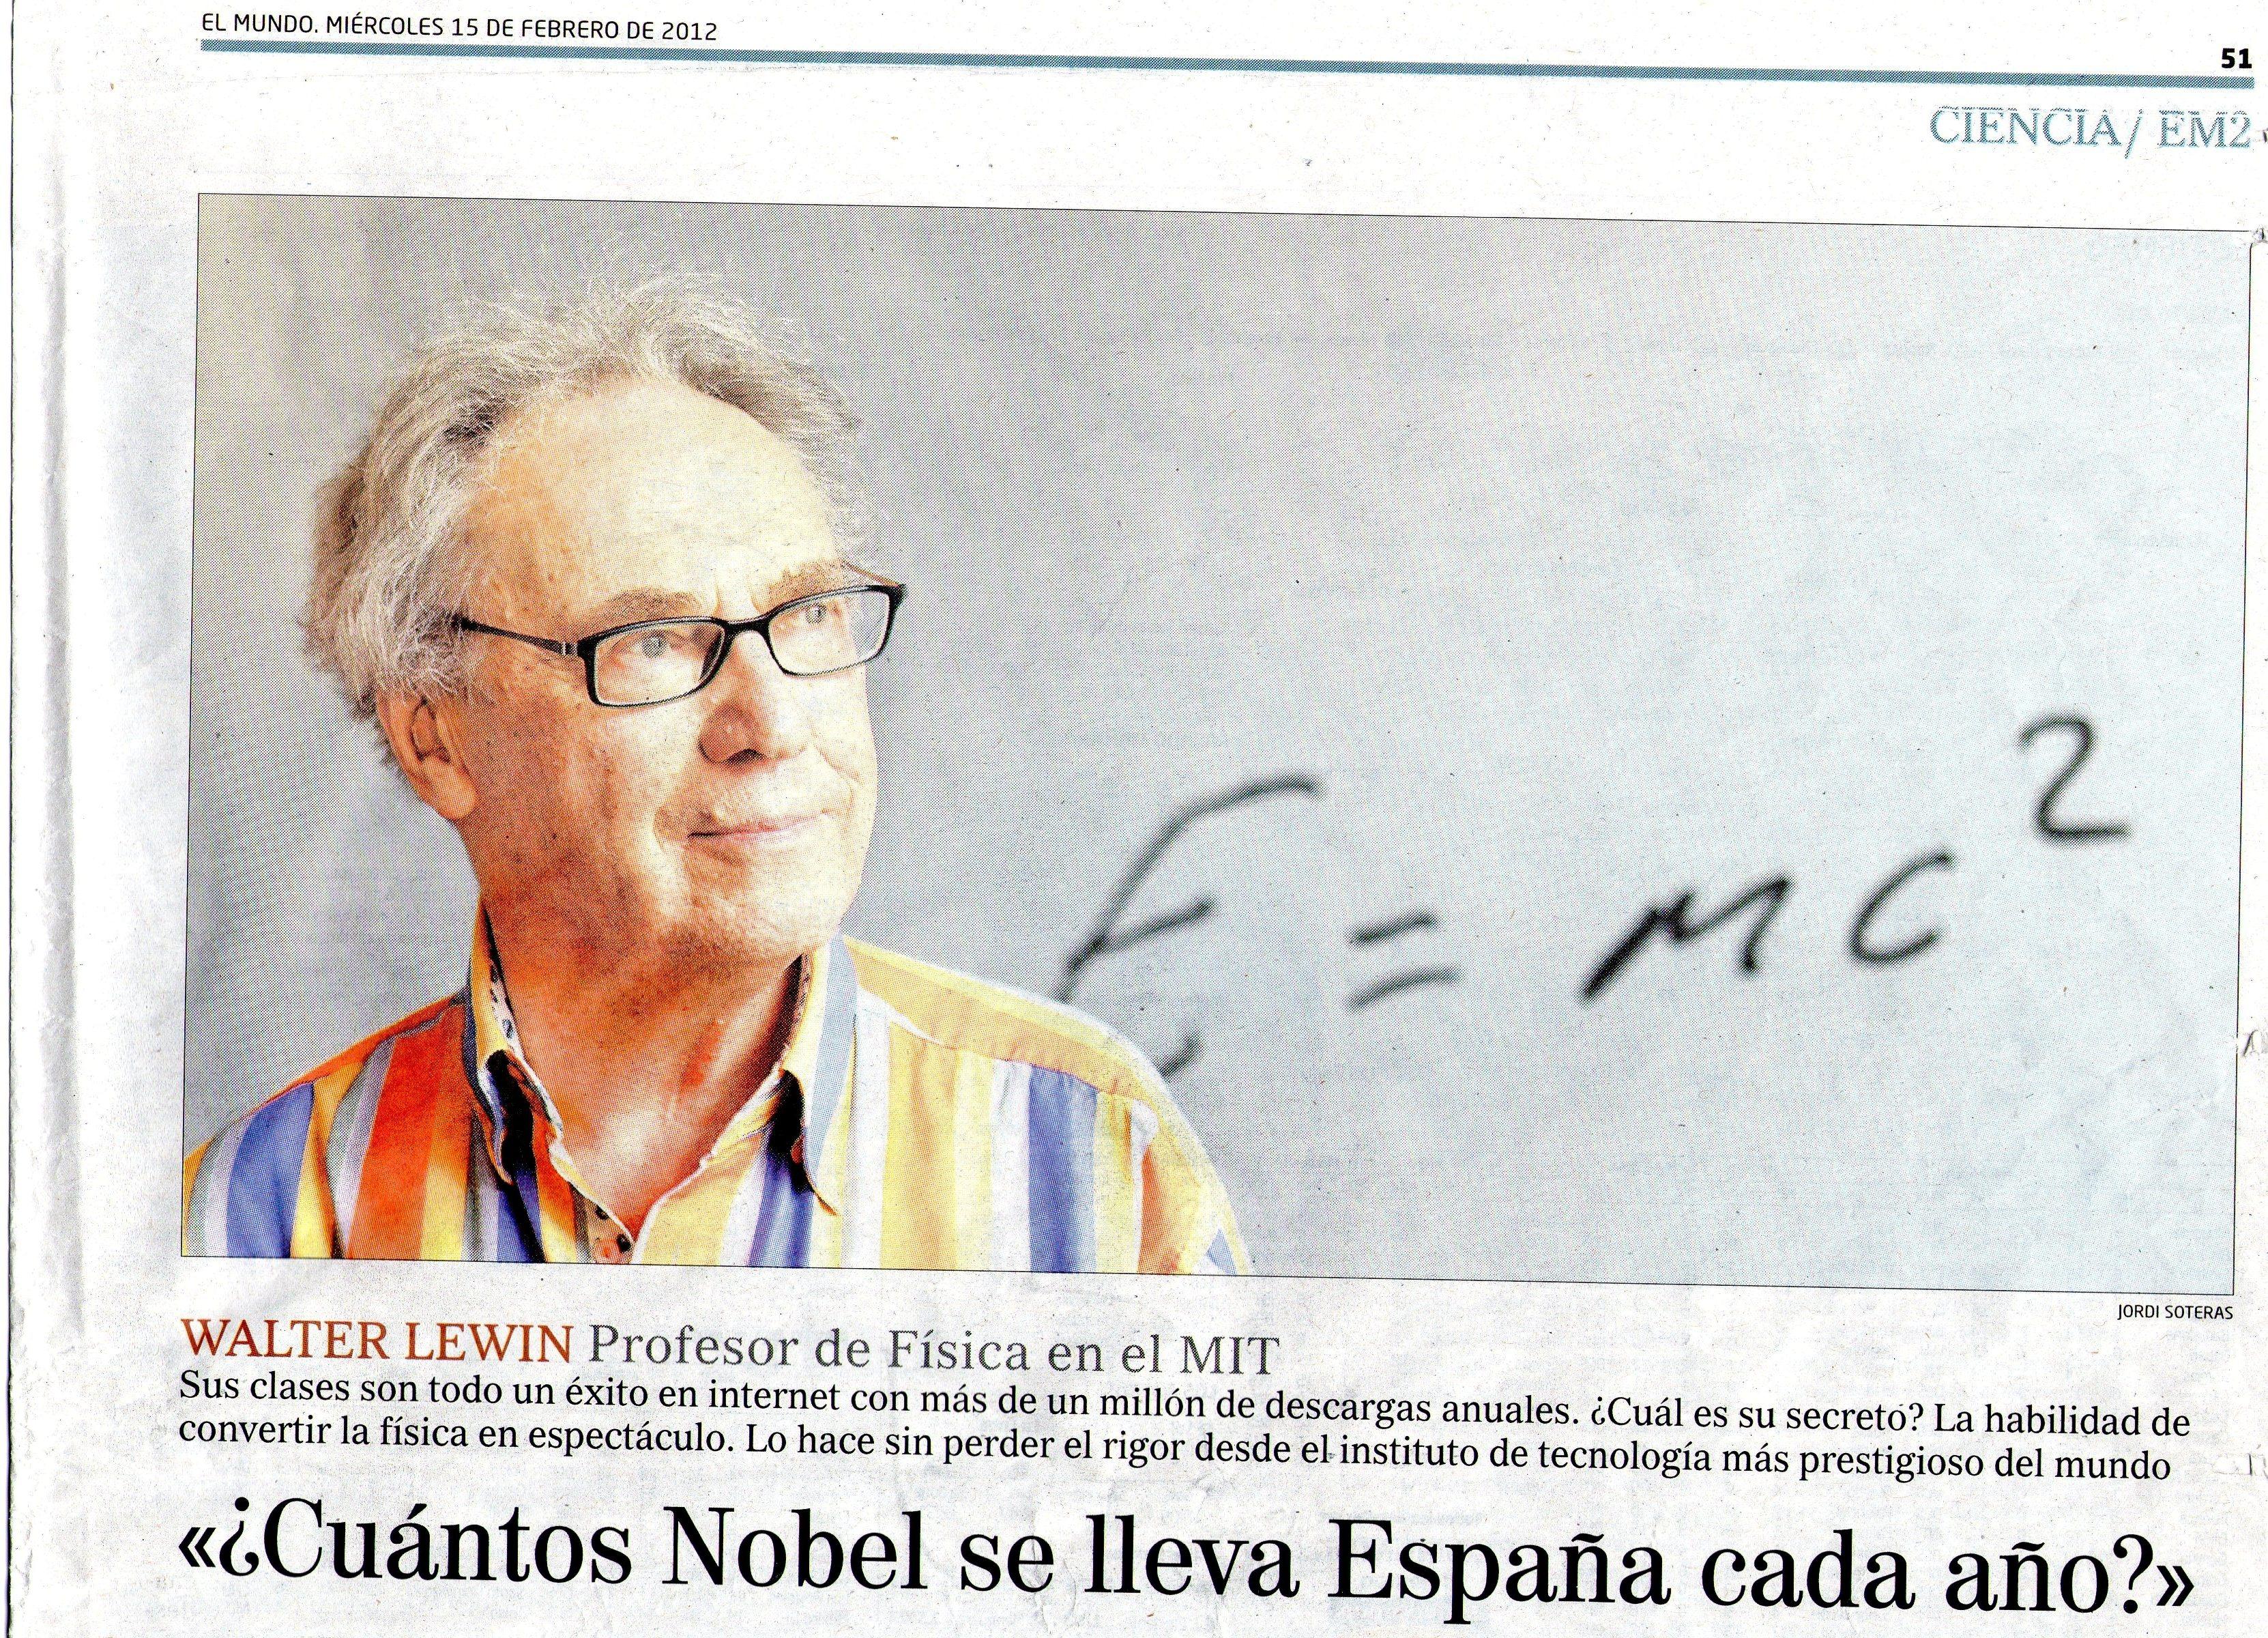 Entrevista El Mundo Walter Lewin Injusto titular de El Mundo (edición impresa) sobre Walter Lewin.